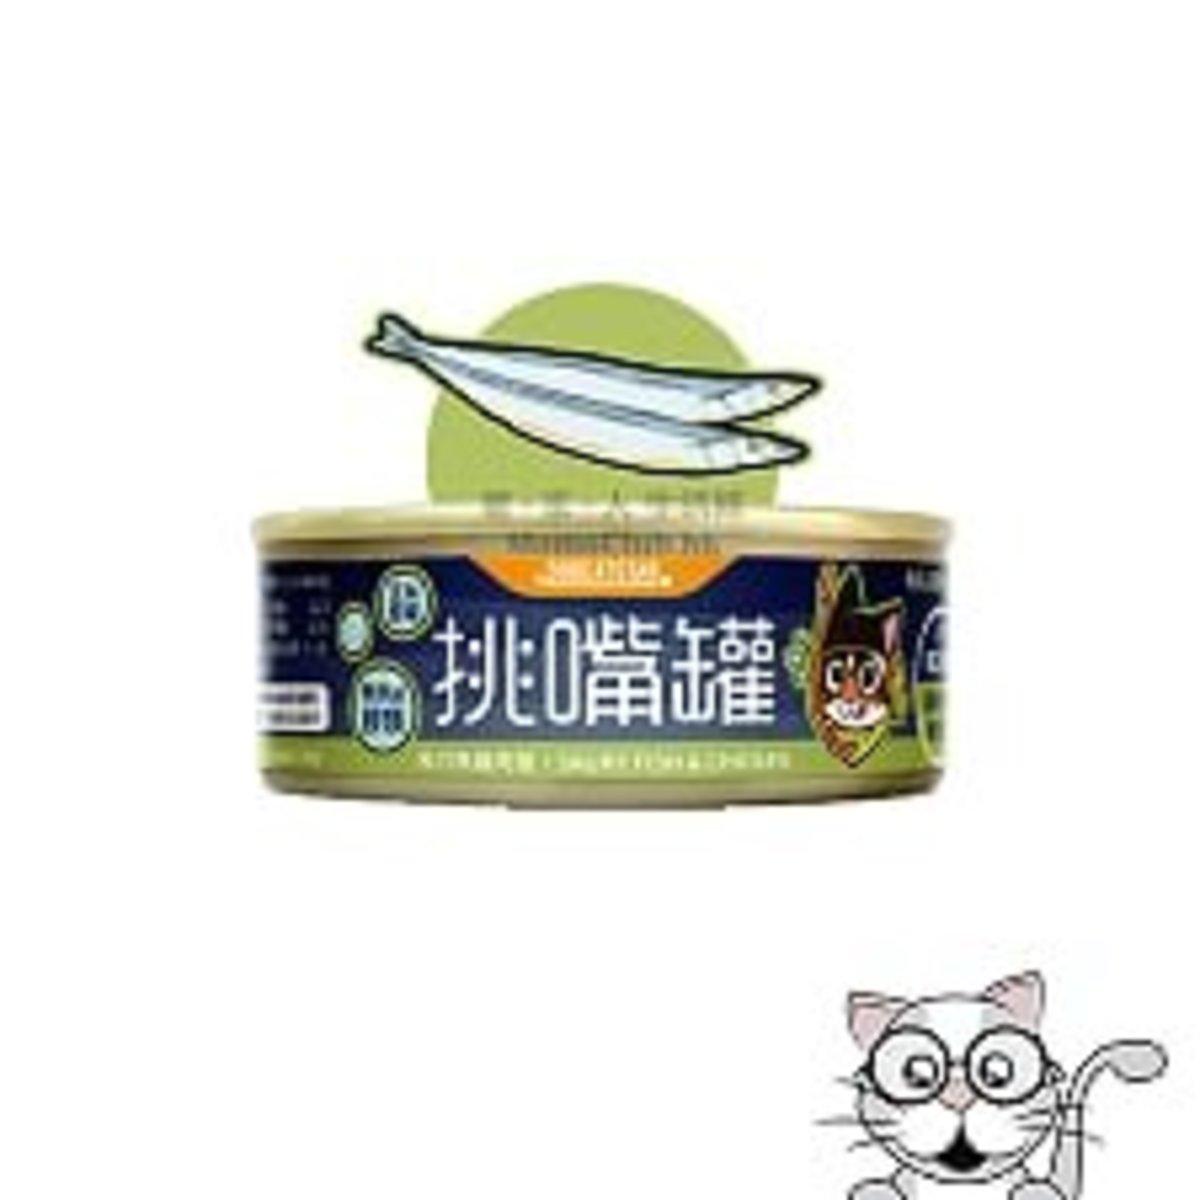 貓咪挑嘴無膠主食罐 (秋刀魚雞肉餐) 80g x 3罐 (084048_3)